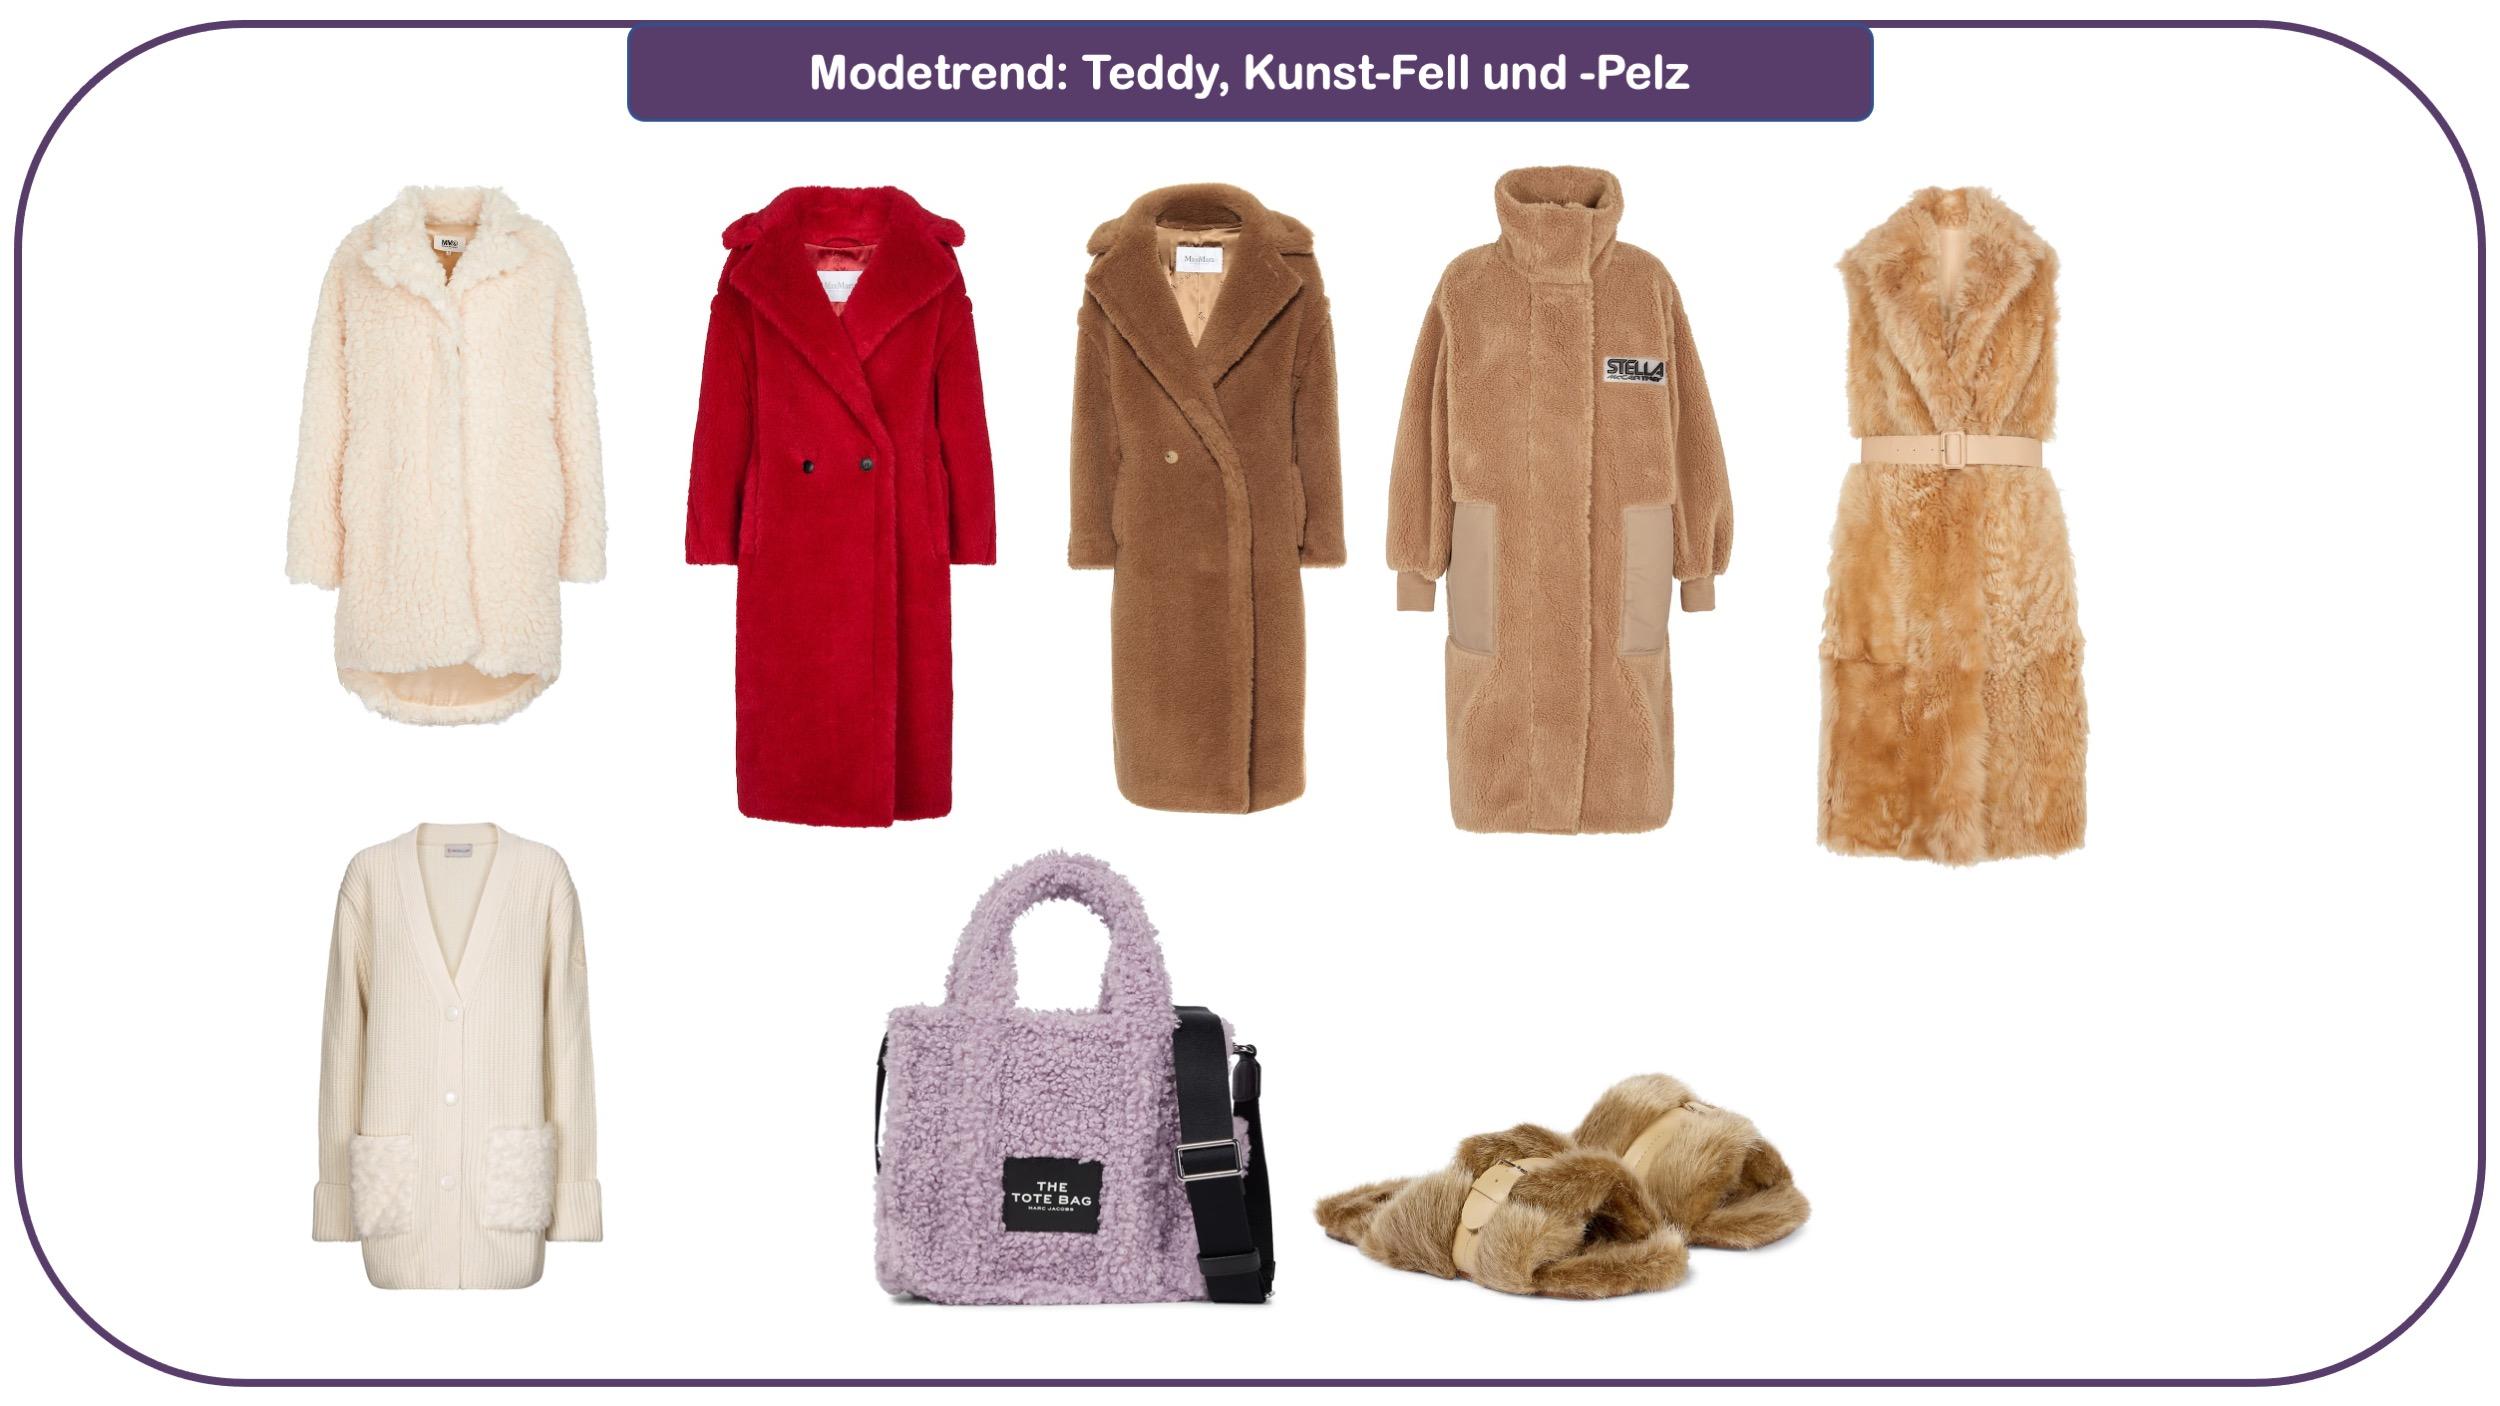 Modetrends für herbst und Winter 2021/22: Teddy, Fell und Pelz